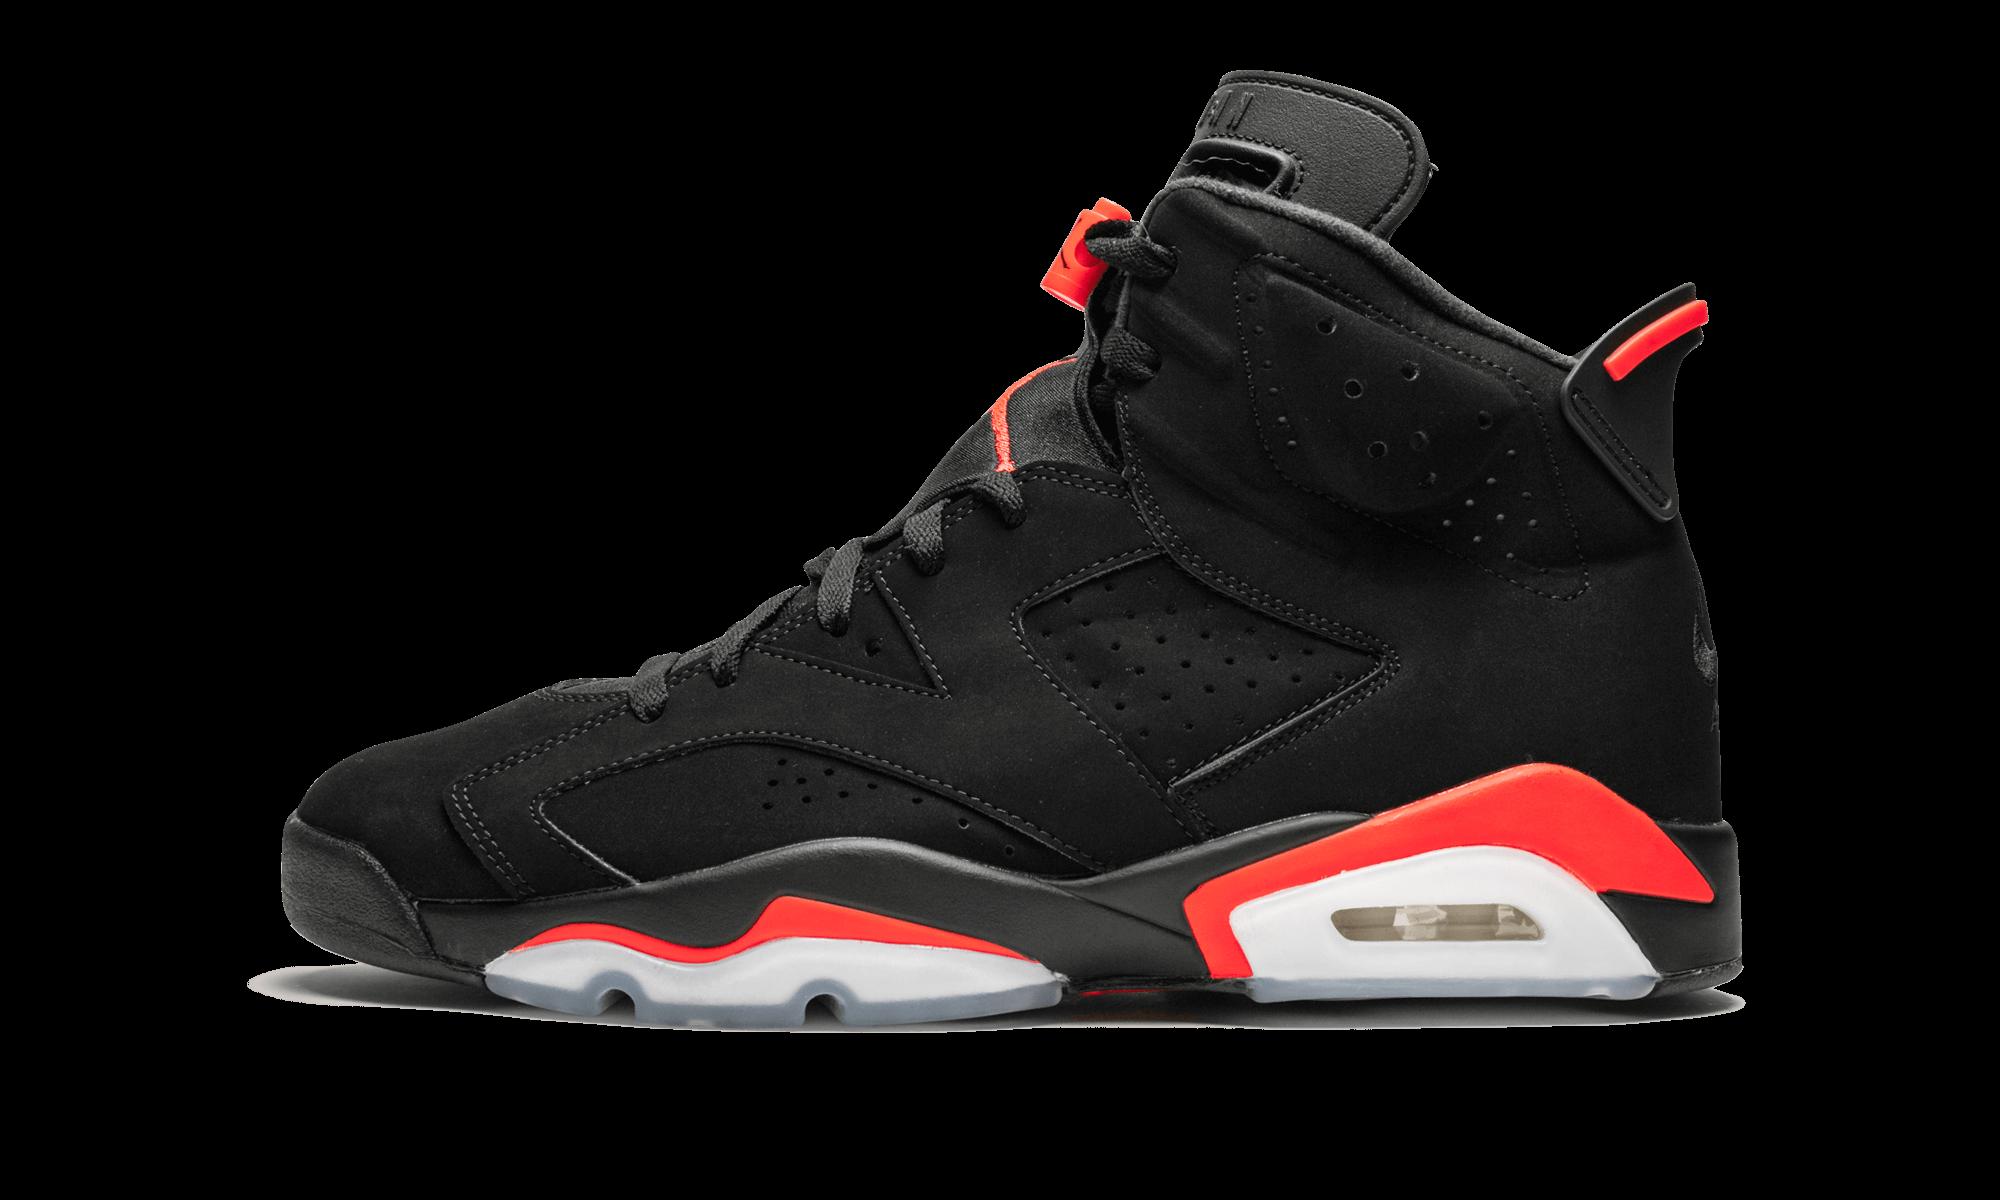 Air Jordan 6 Retro Infrared 2019 Release 384664 060 2019 In 2020 Air Jordans Latest Jordan Shoes Air Jordan Vi